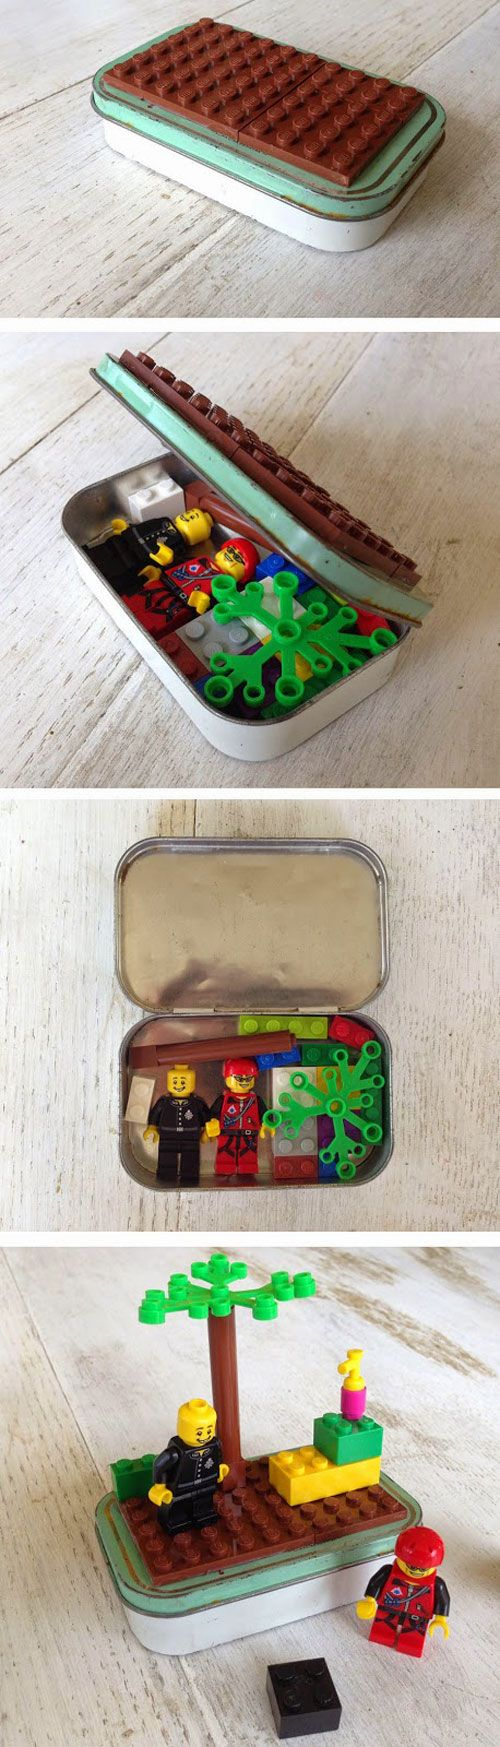 Boîte à légos. Coller une ou deux plaques légos au-dessus de la boîte en fer, ranger les personnages et accessoires préférés.